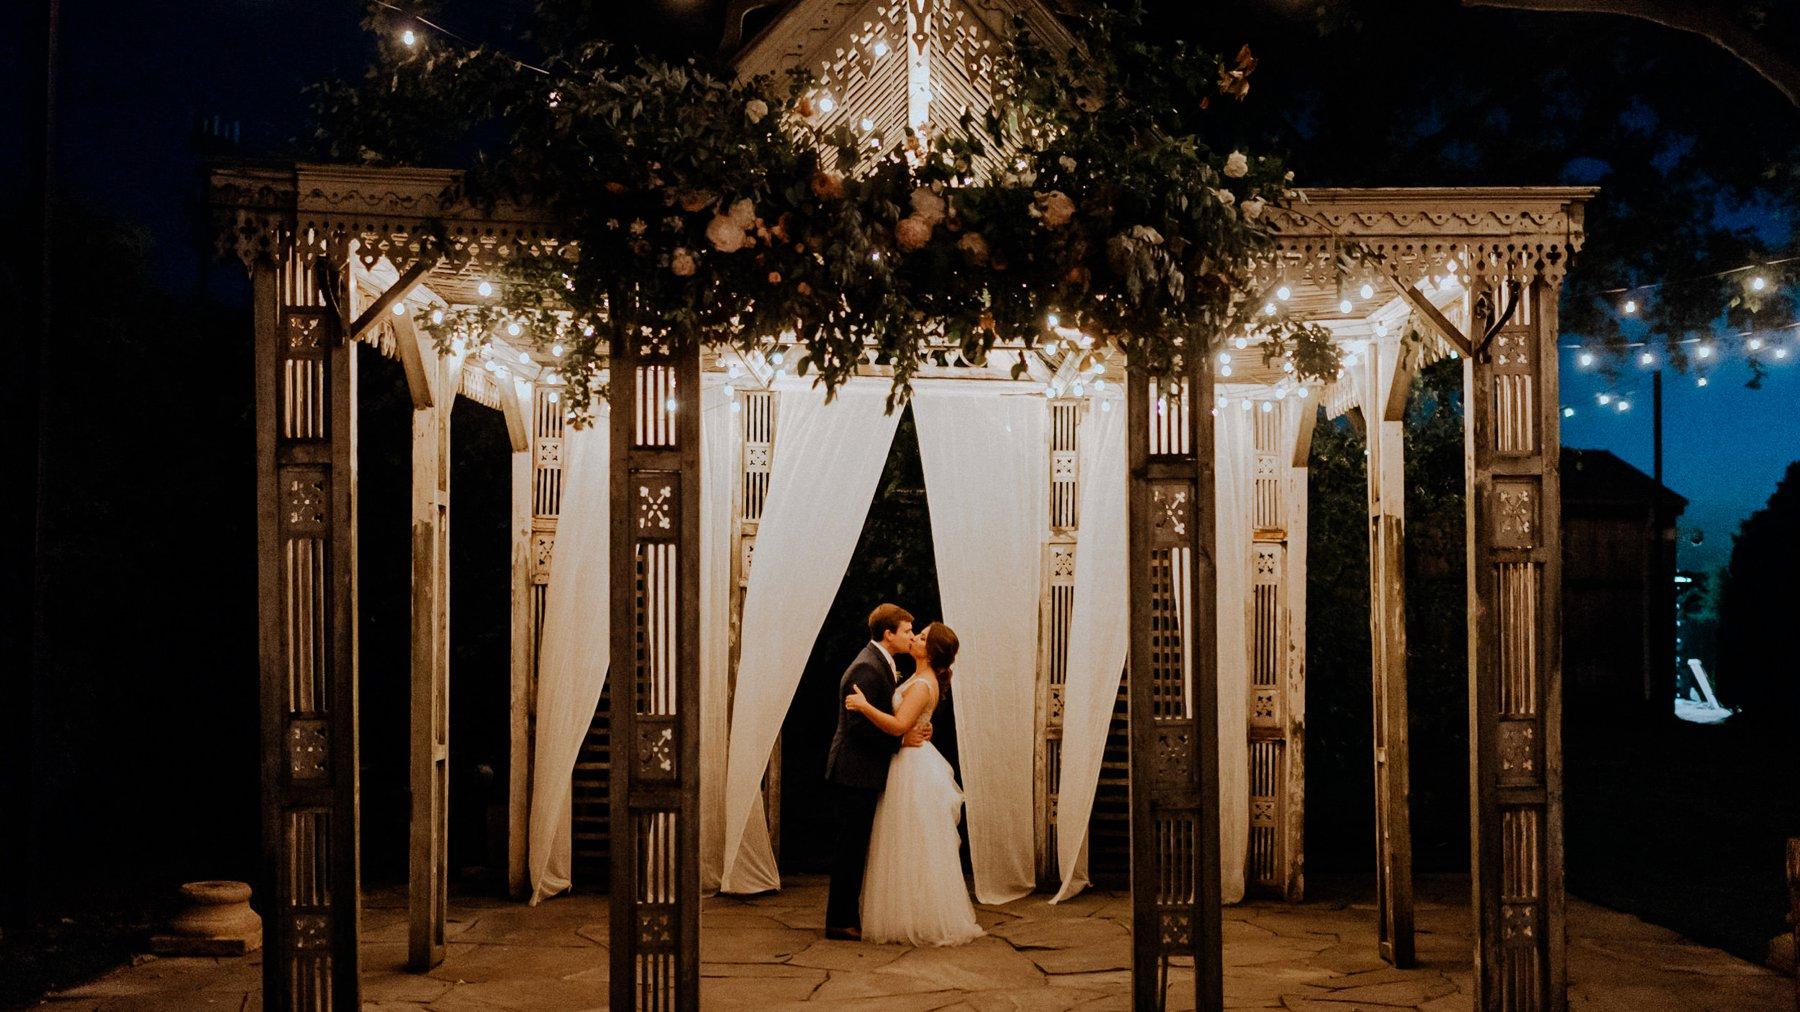 161-156-terrain-wedding-10.jpg